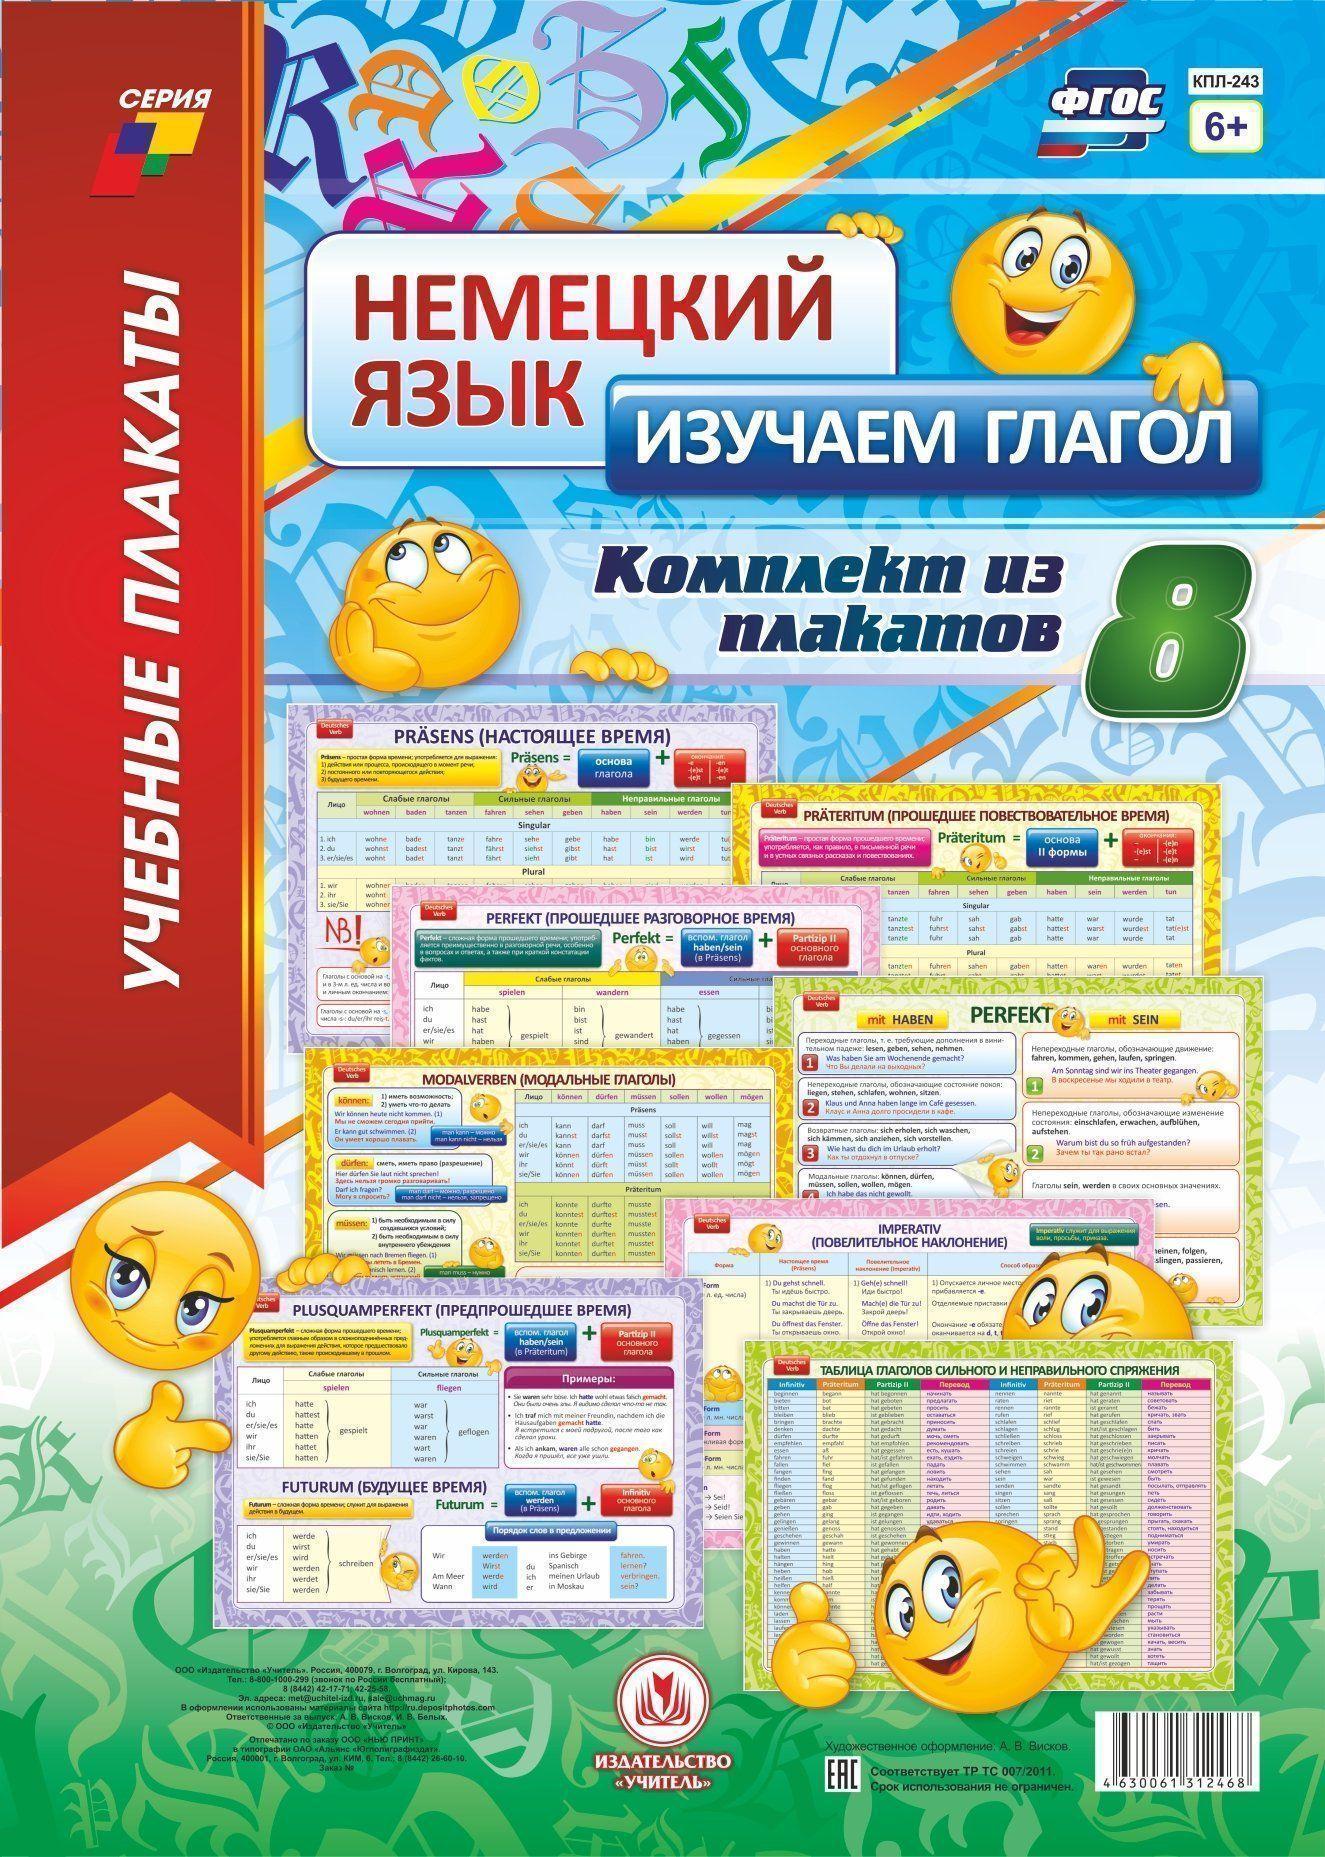 Купить со скидкой Учебные плакаты. Немецкий язык. Изучаем глагол: 8 плакатов (Формата А3)